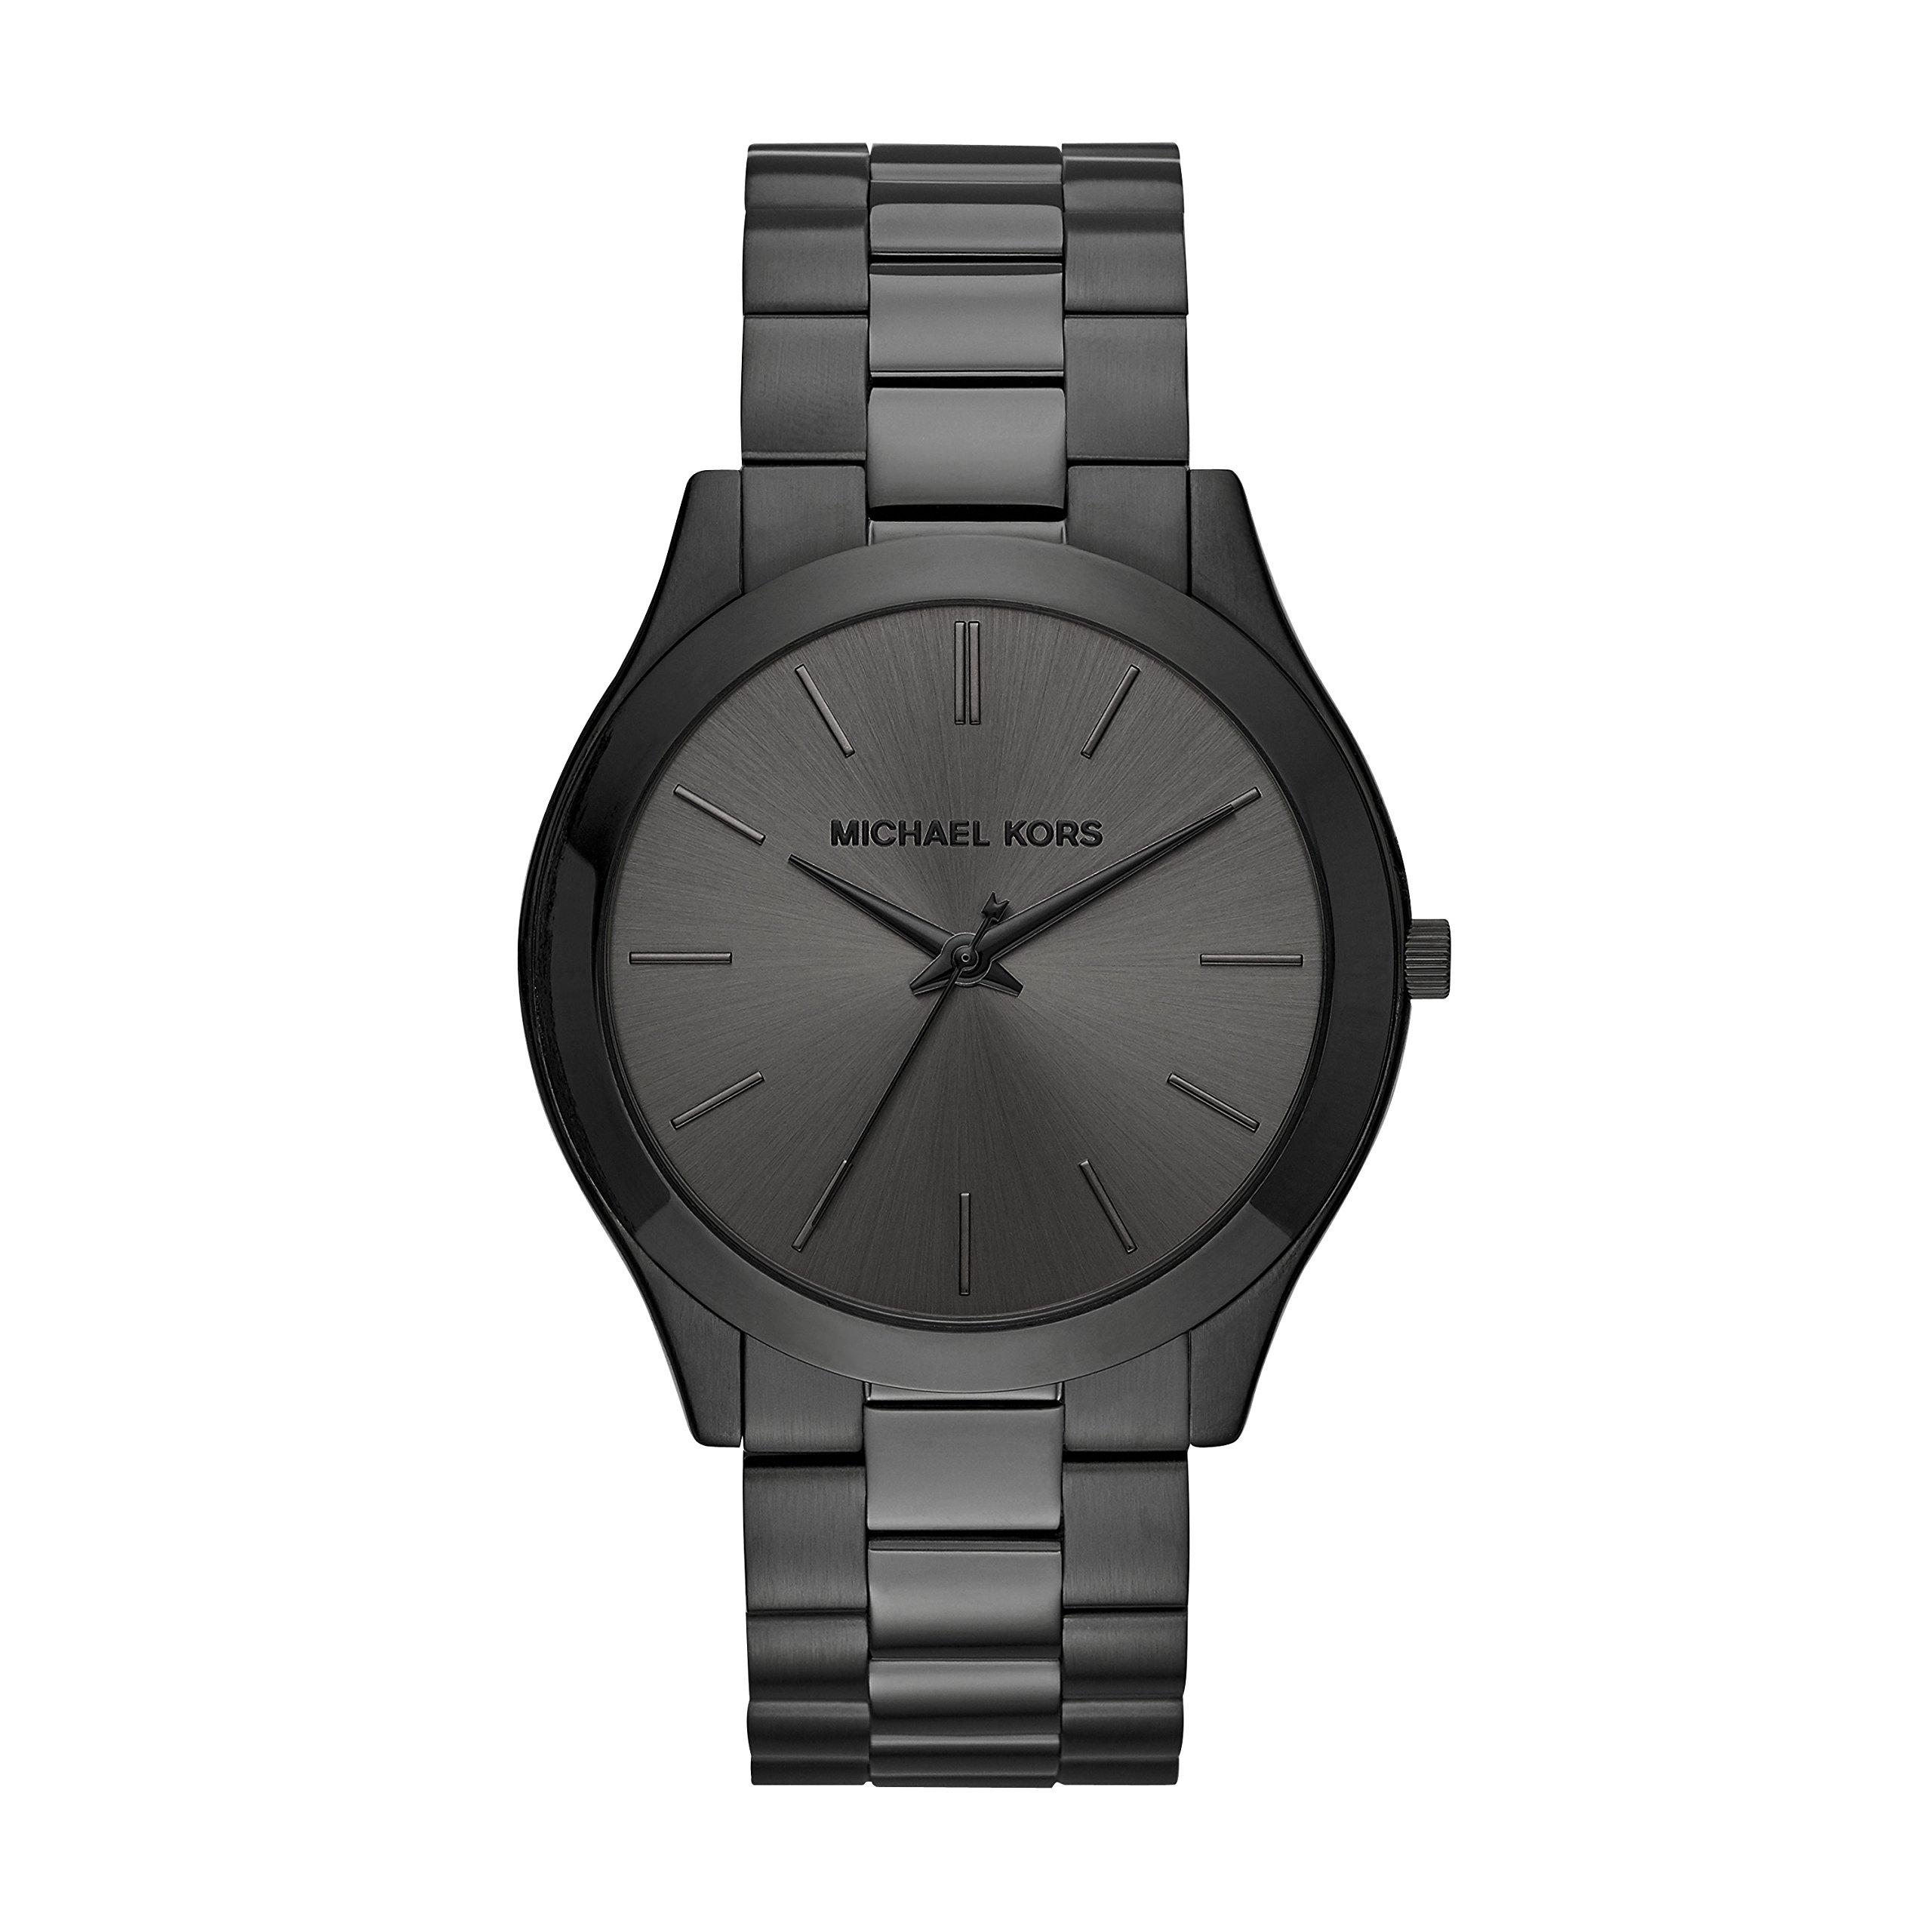 Michael Kors Men's Slim Runway Black Watch MK8507 by Michael Kors